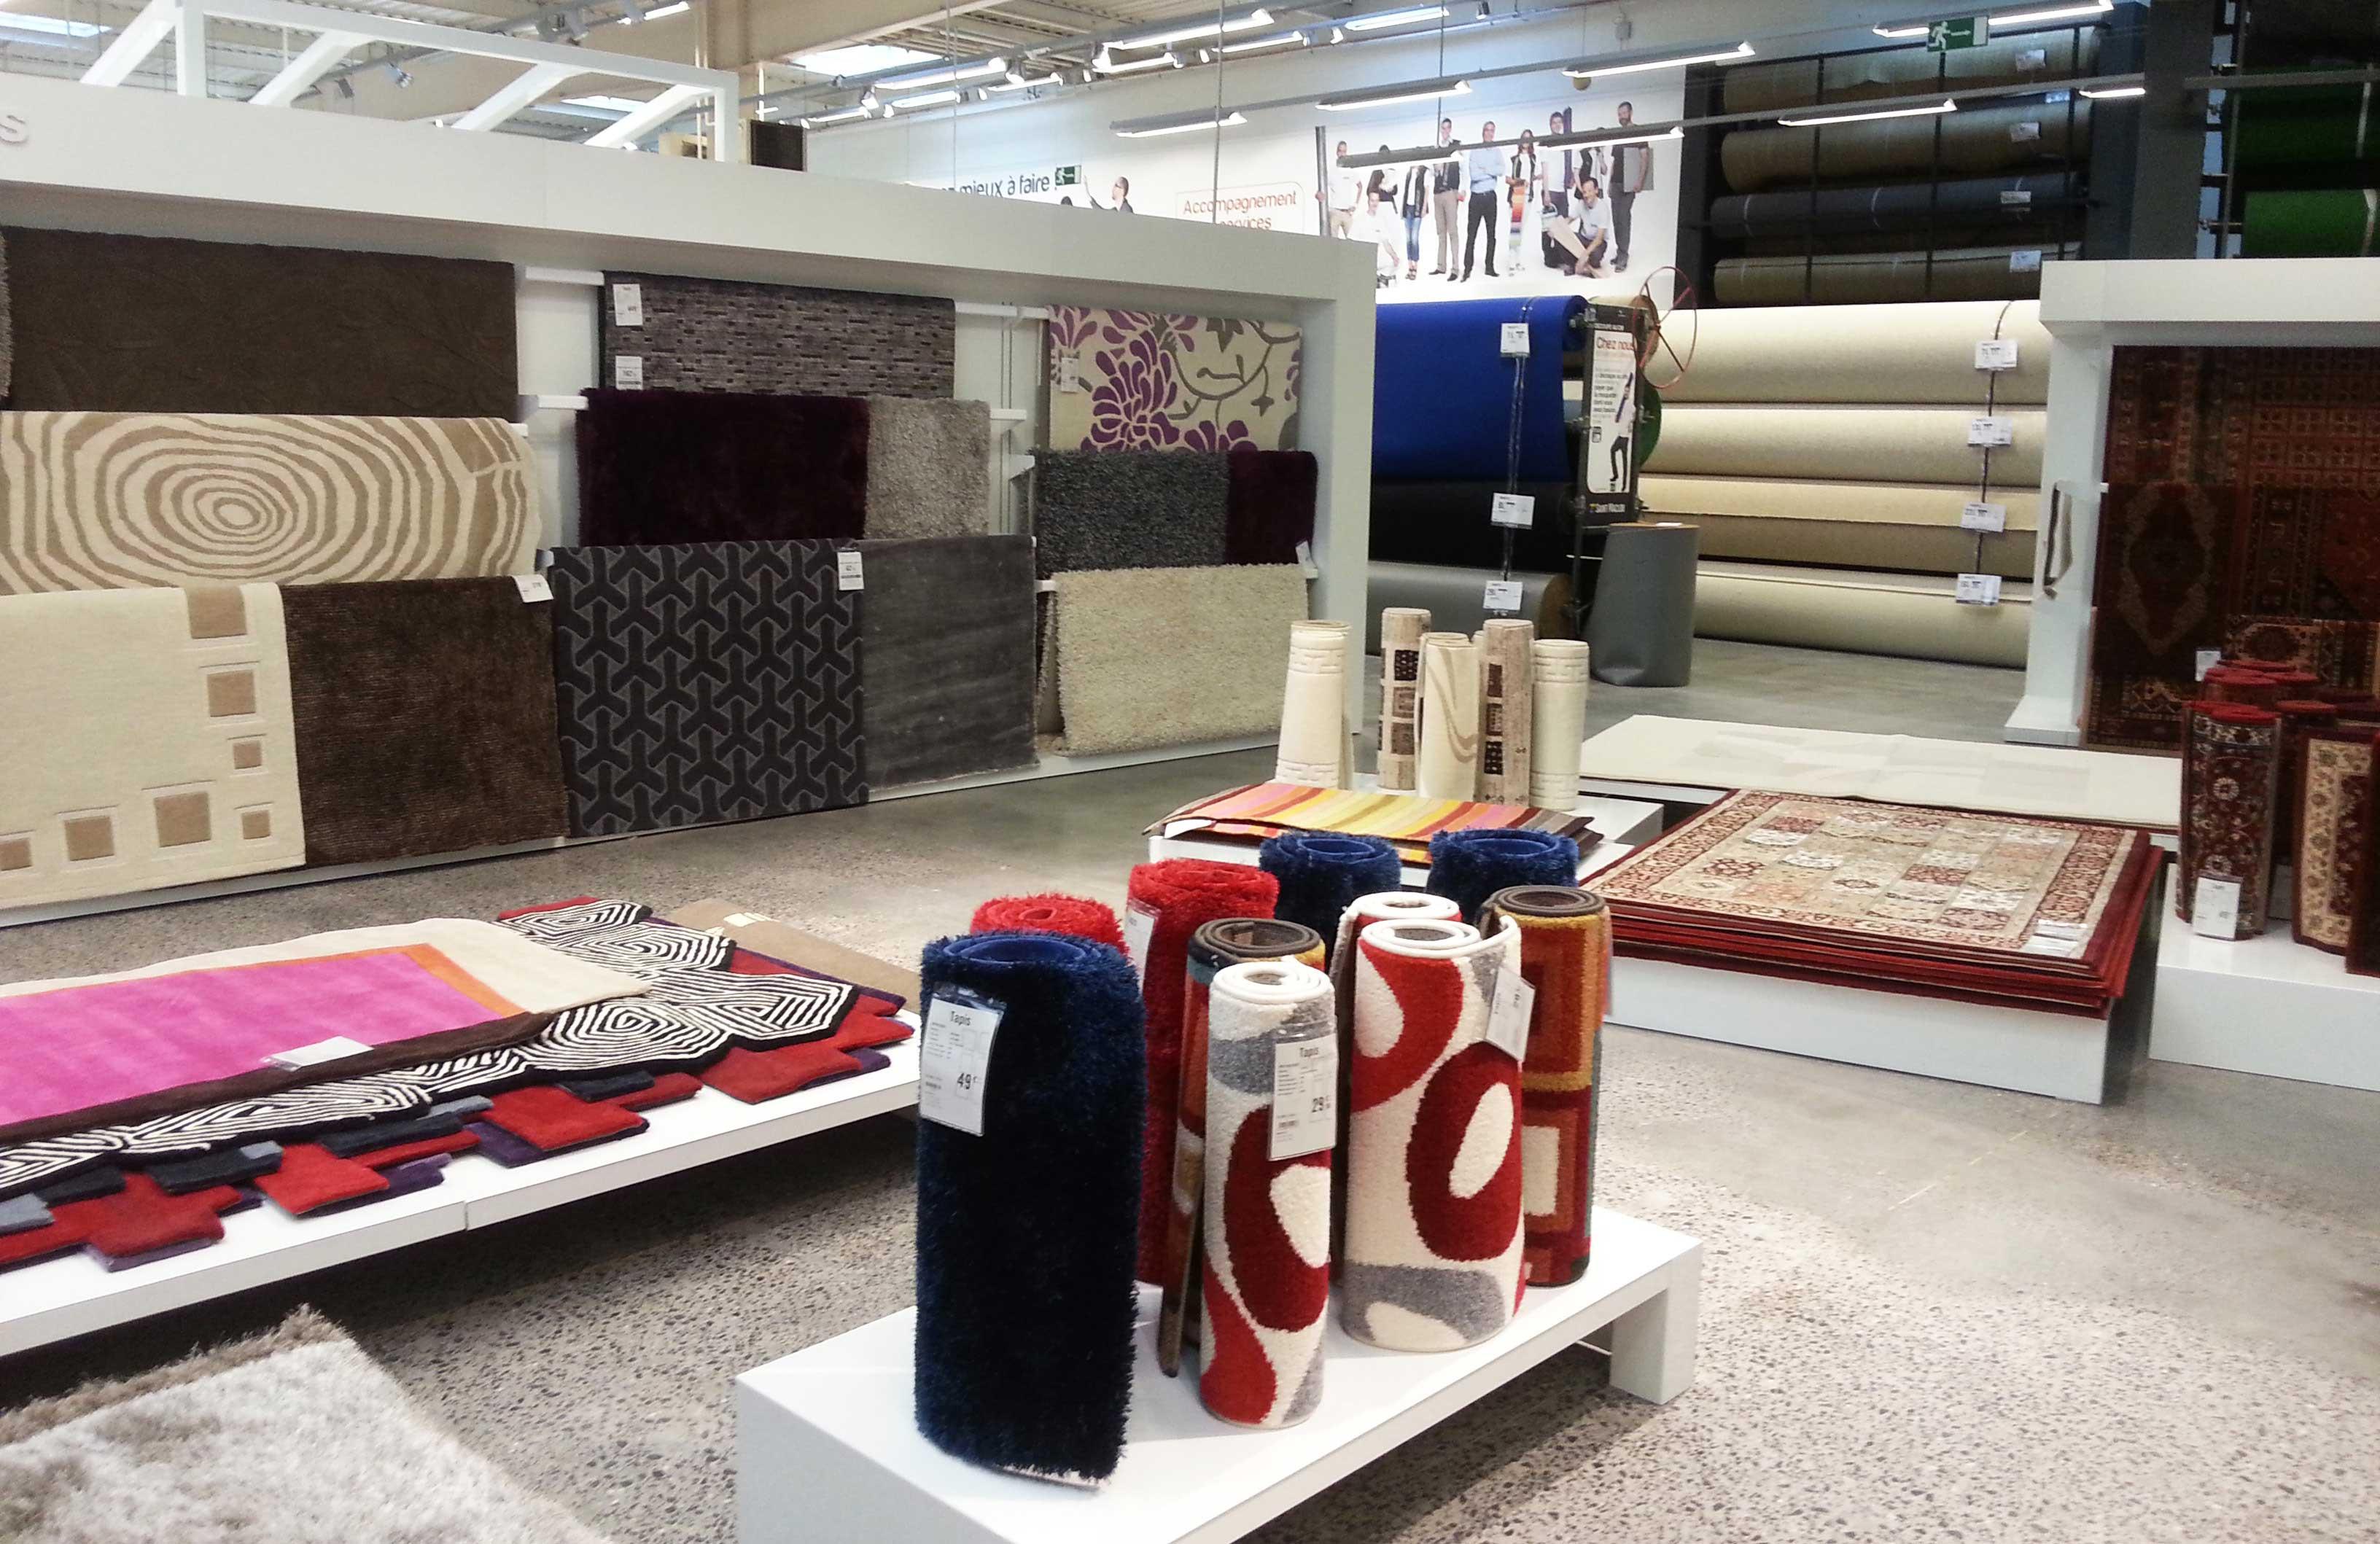 saint maclou rideau fabulous rideaux faire le bon choix with saint maclou rideau latest design. Black Bedroom Furniture Sets. Home Design Ideas